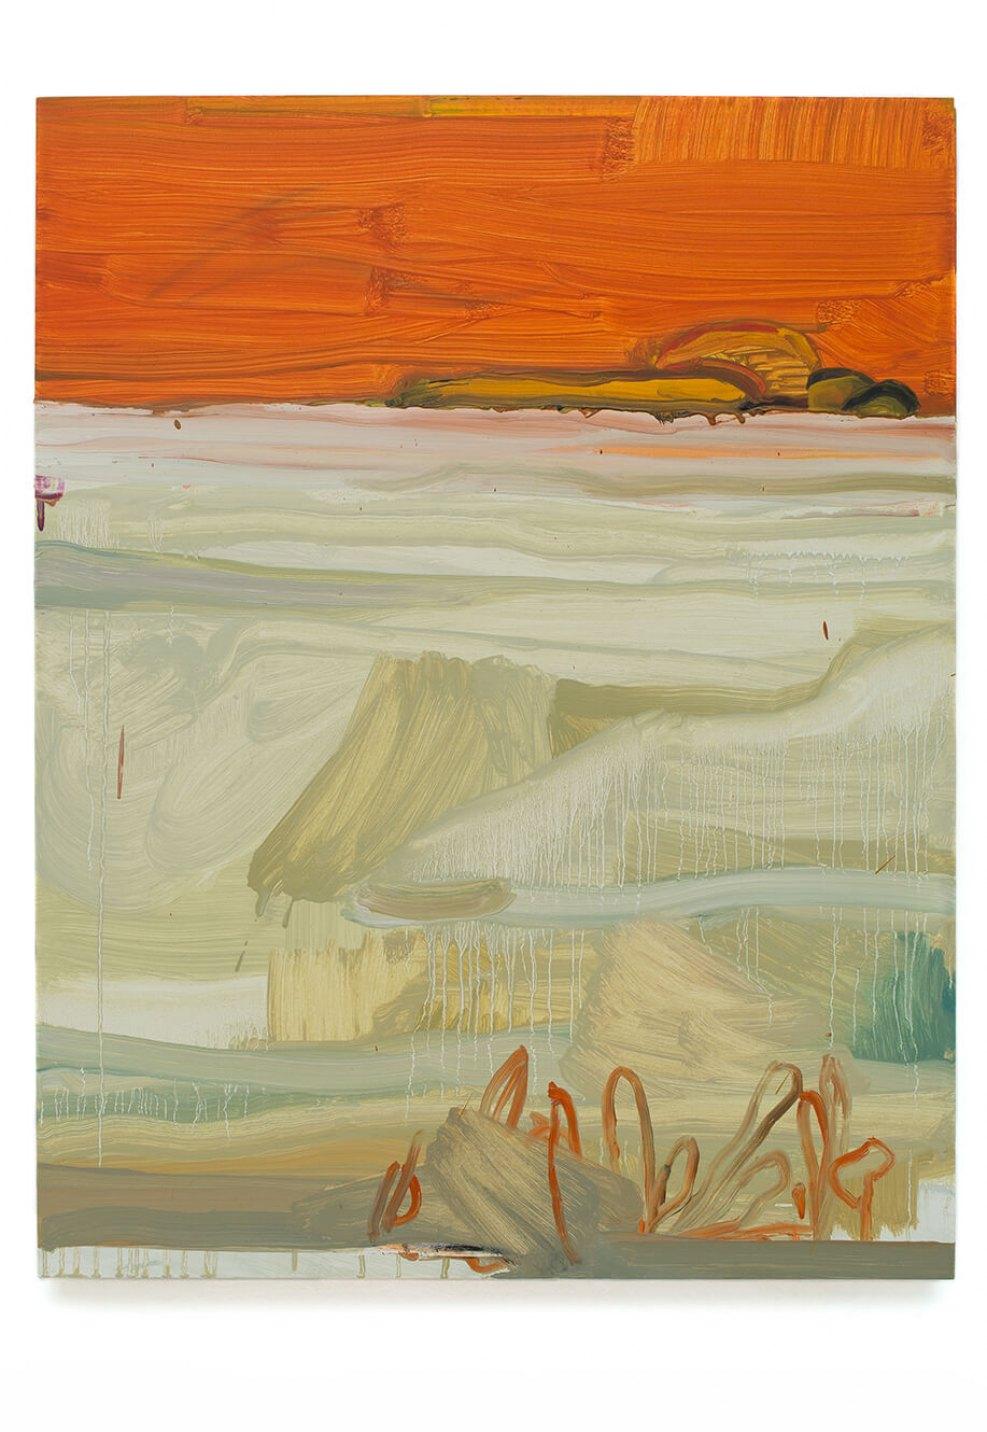 Alexandre Wagner, <em>Sal e Coral</em>, 2014, oil on canvas, 90 × 70 cm - Mendes Wood DM